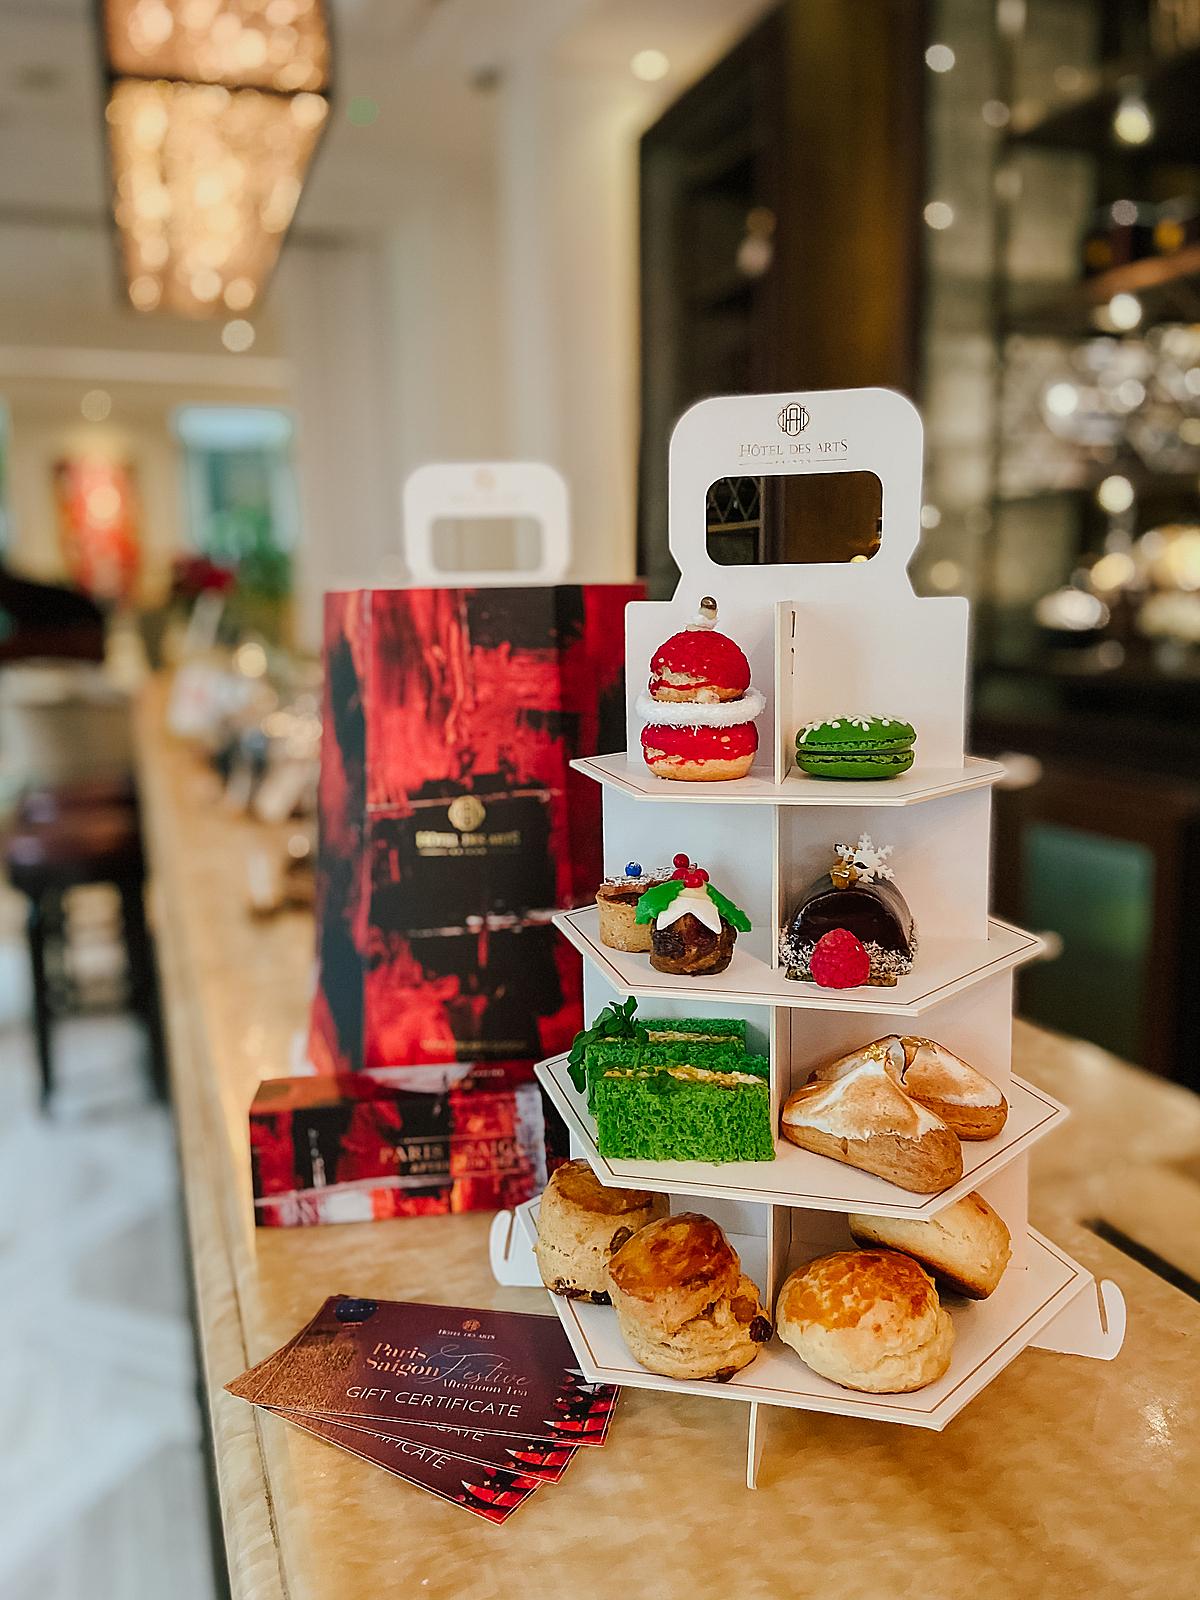 Bữa tiệc trà chiều tại Café des beaux-Arts, tầng trệt Hôtel Des Arts Saigon gồm nhiều gói tiệc giá từ 550.000 đồng đến 950.000 đồng.